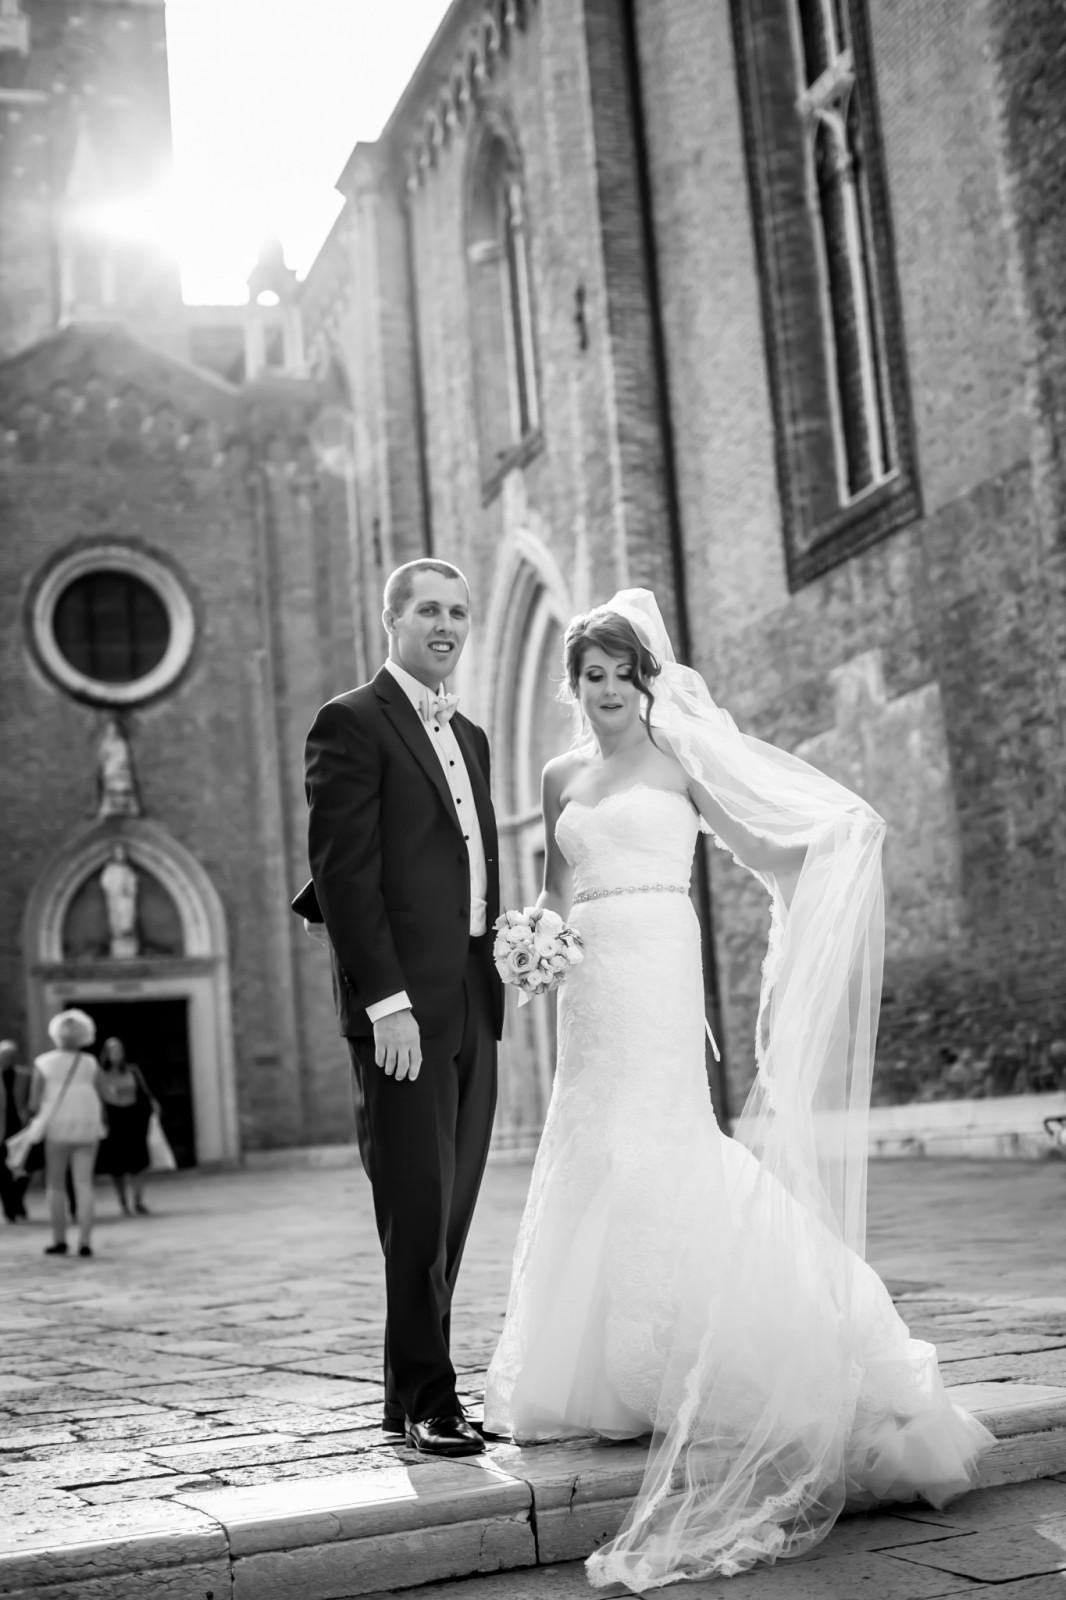 Joshua e Ashley from Boston,23 September 2014 - Jewish wedding in Venice by Michela Zucchini Studio-12